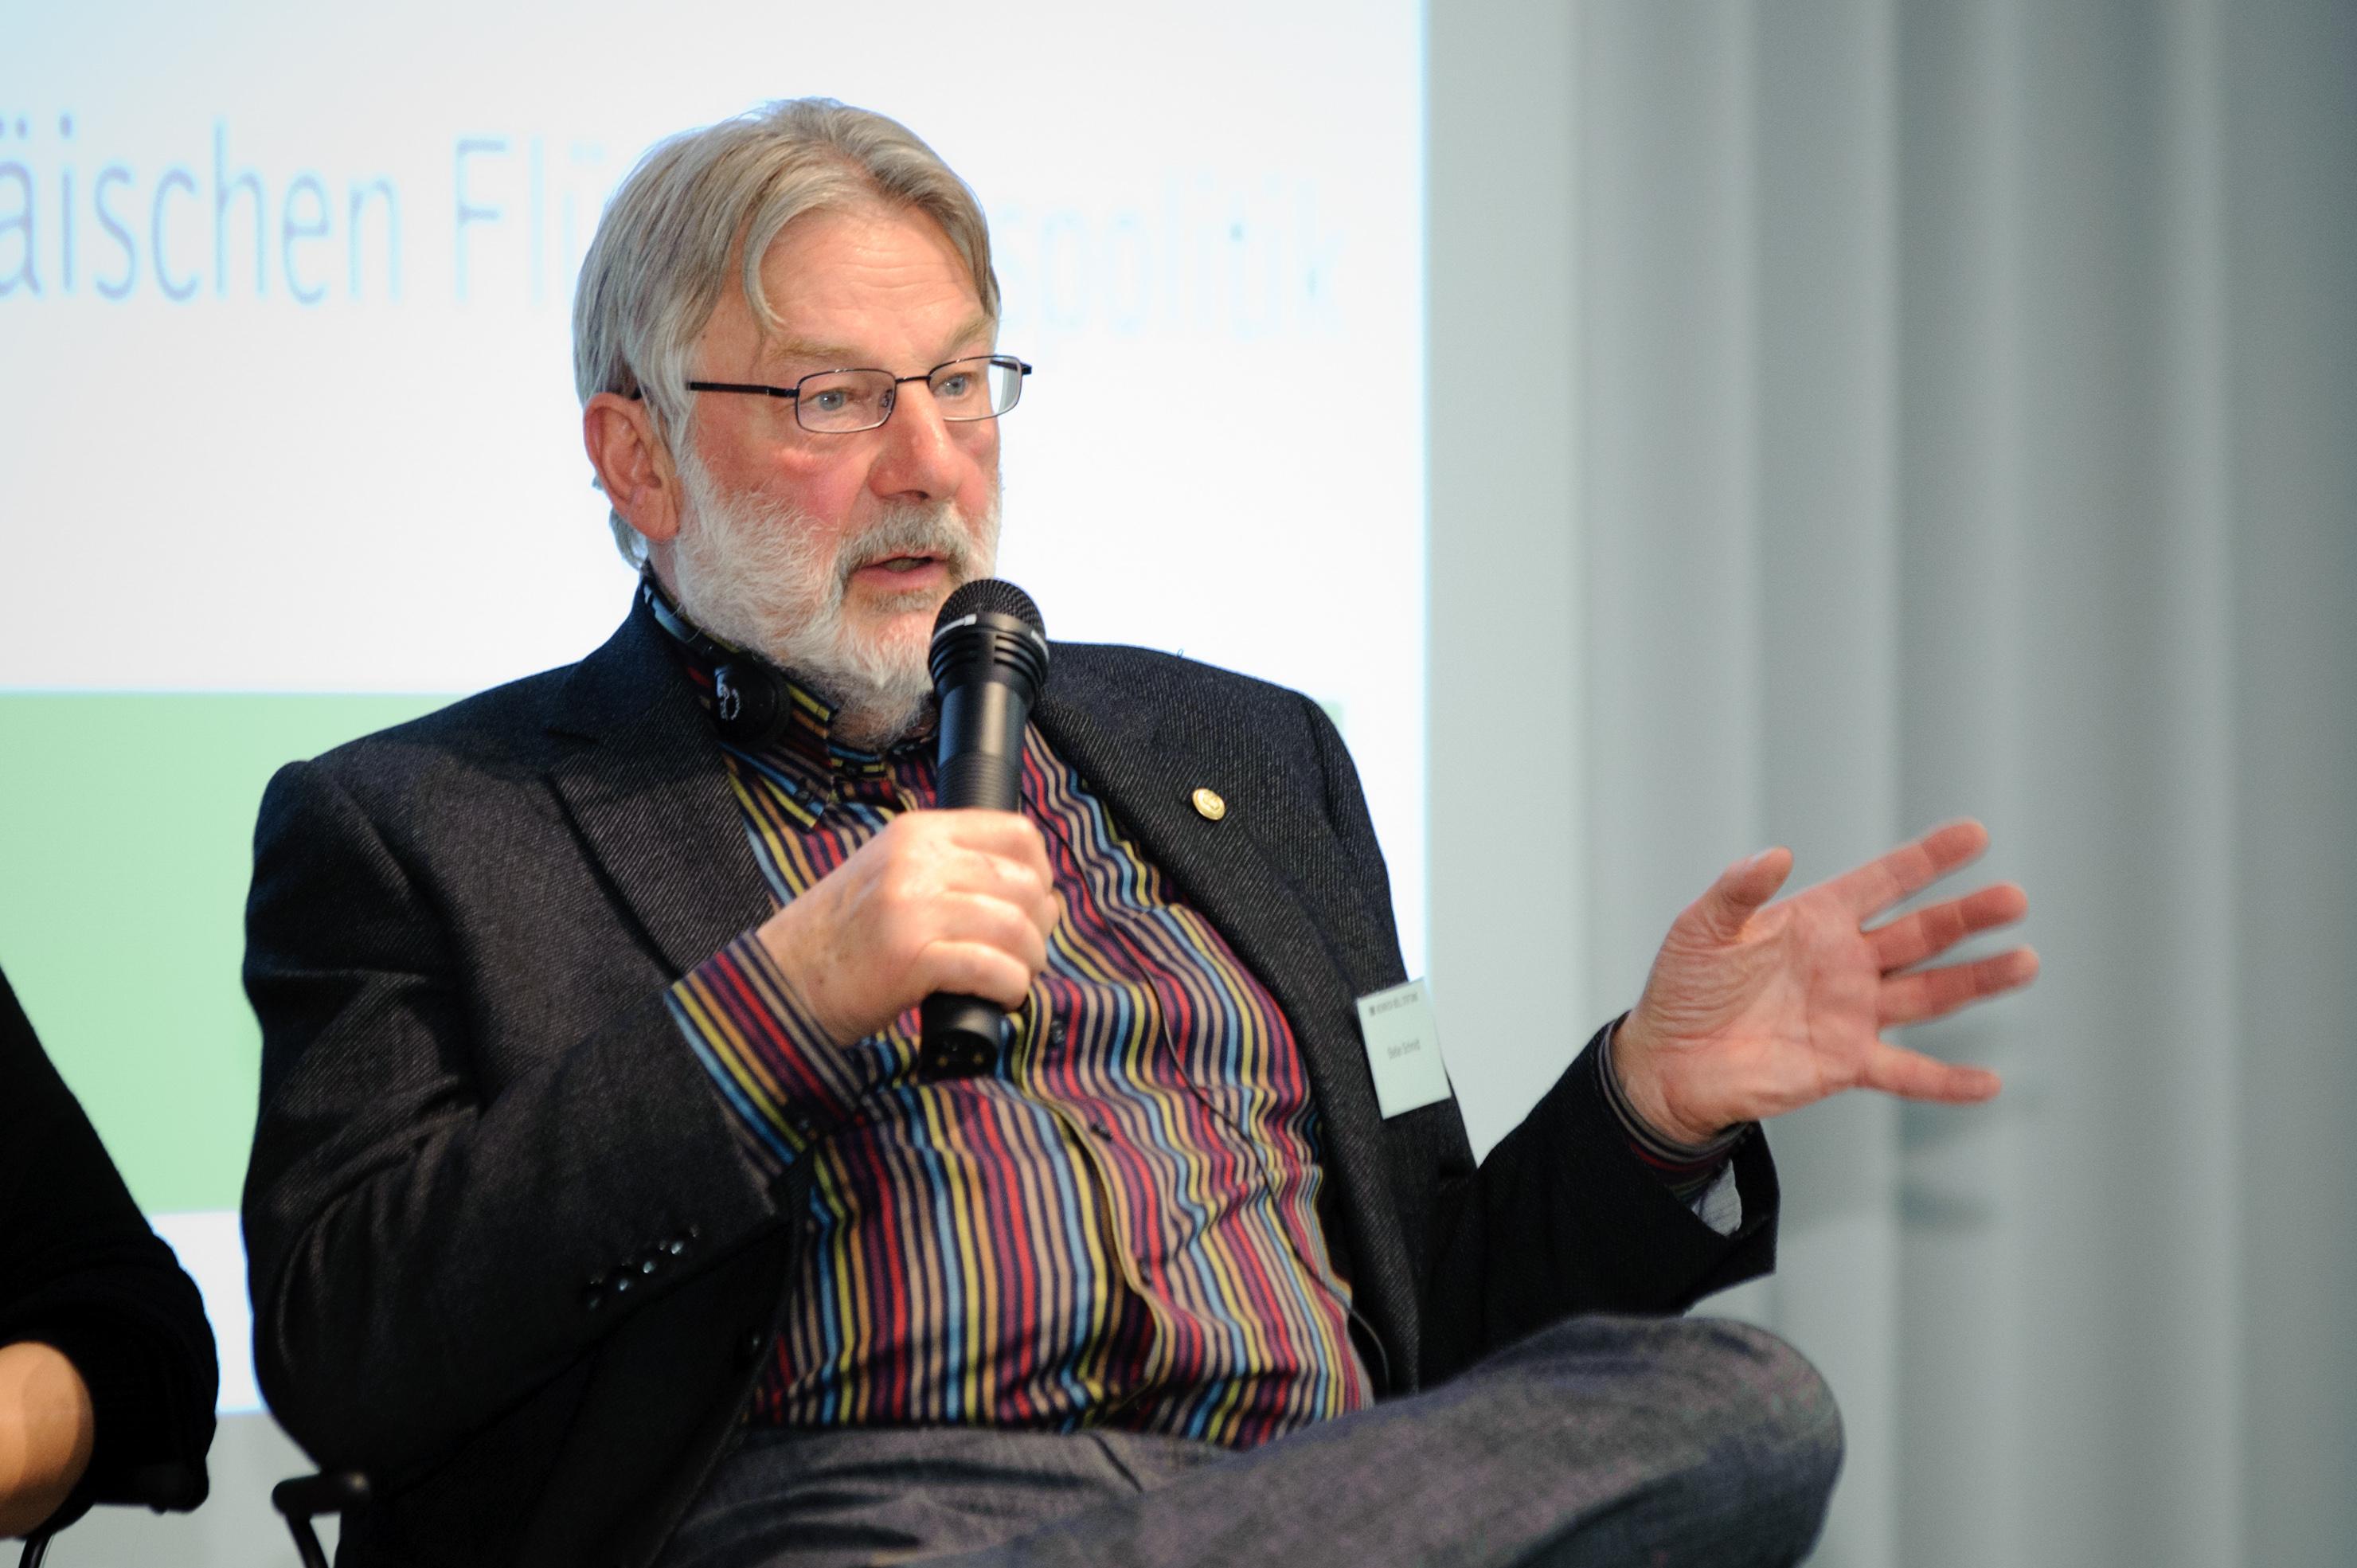 https://commons.wikimedia.org/wiki/File:Stefan_Schmidt_(5656656553).jpg